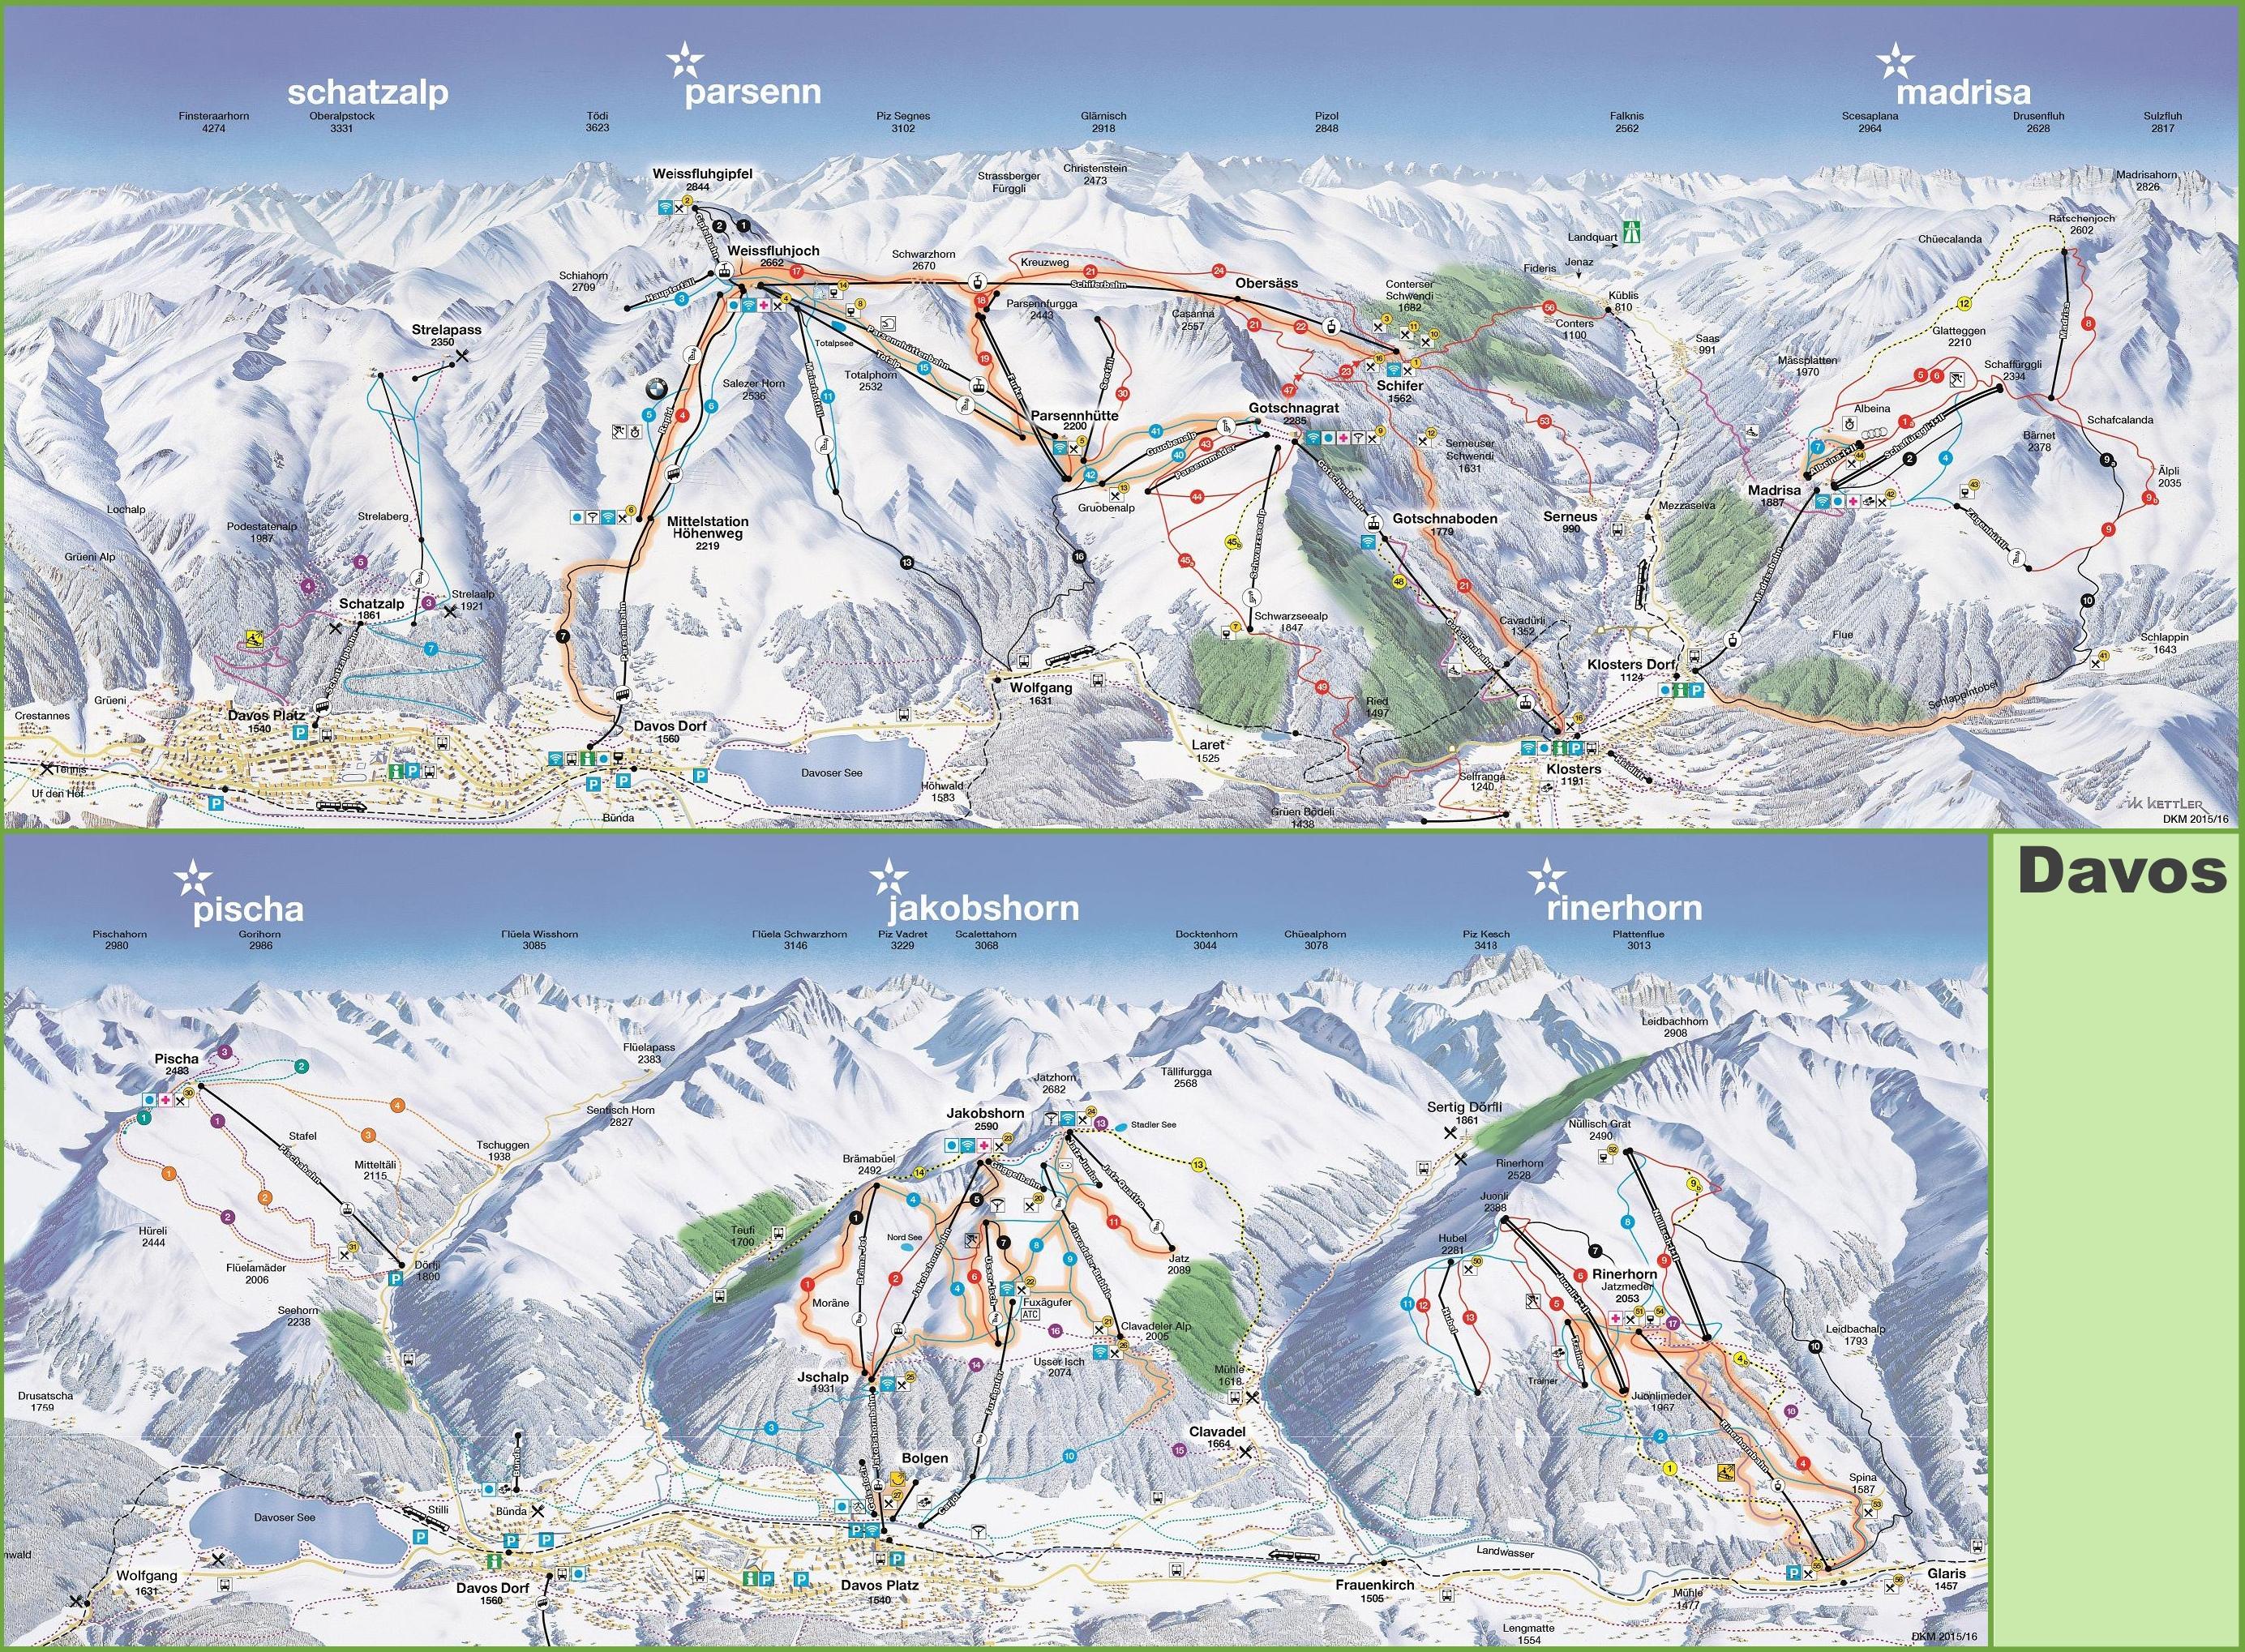 Davos ski map